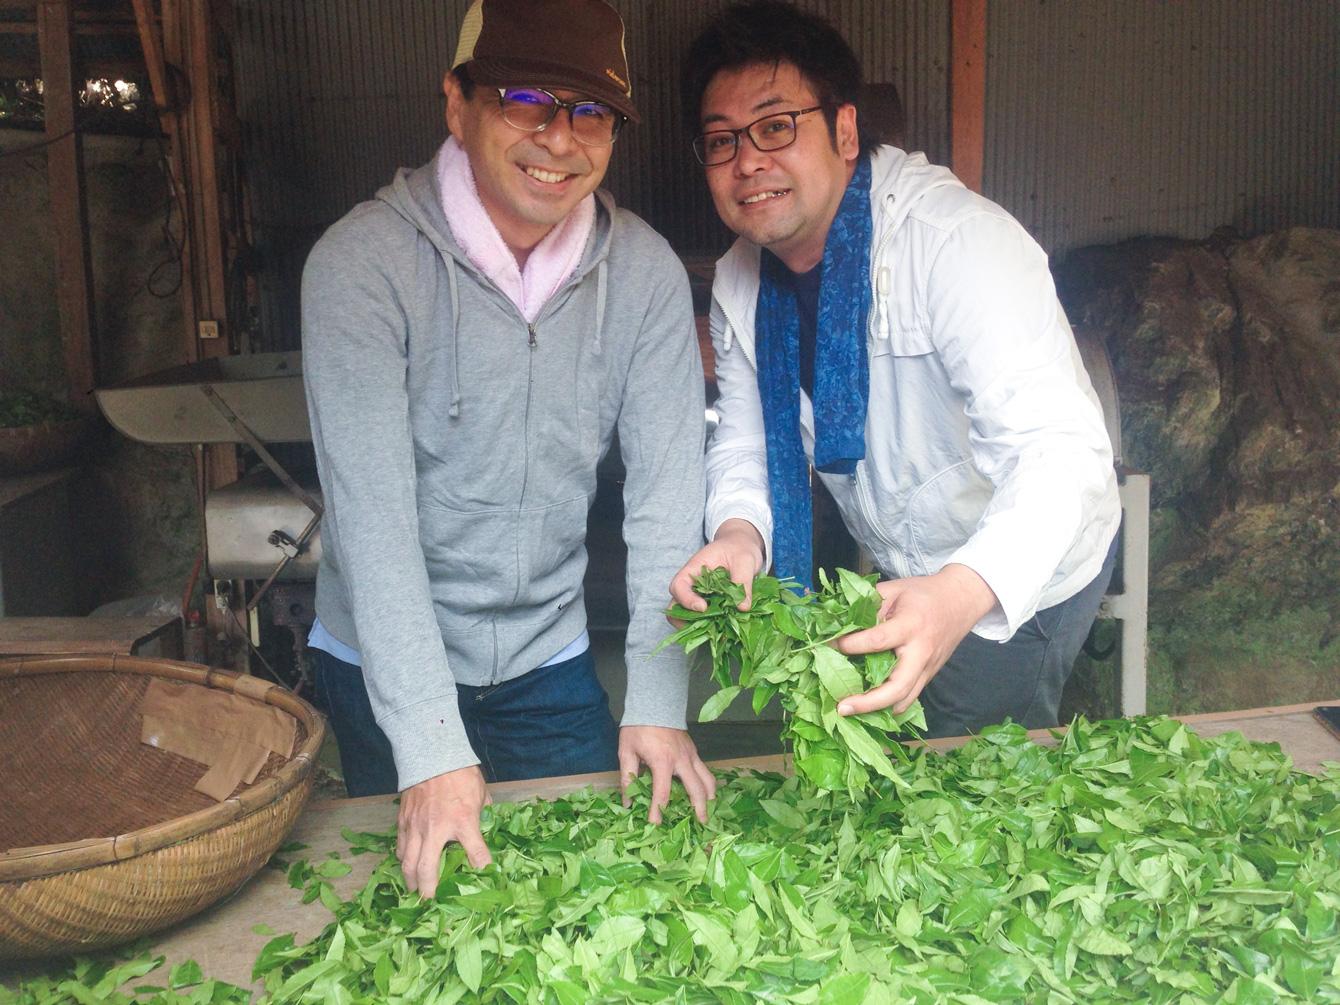 ちゃんとやっていますアピールをする仲良しのお二人(笑)。神山町にある株式会社えんがわの割石さん(左)と弊社代表・祁答院(右)